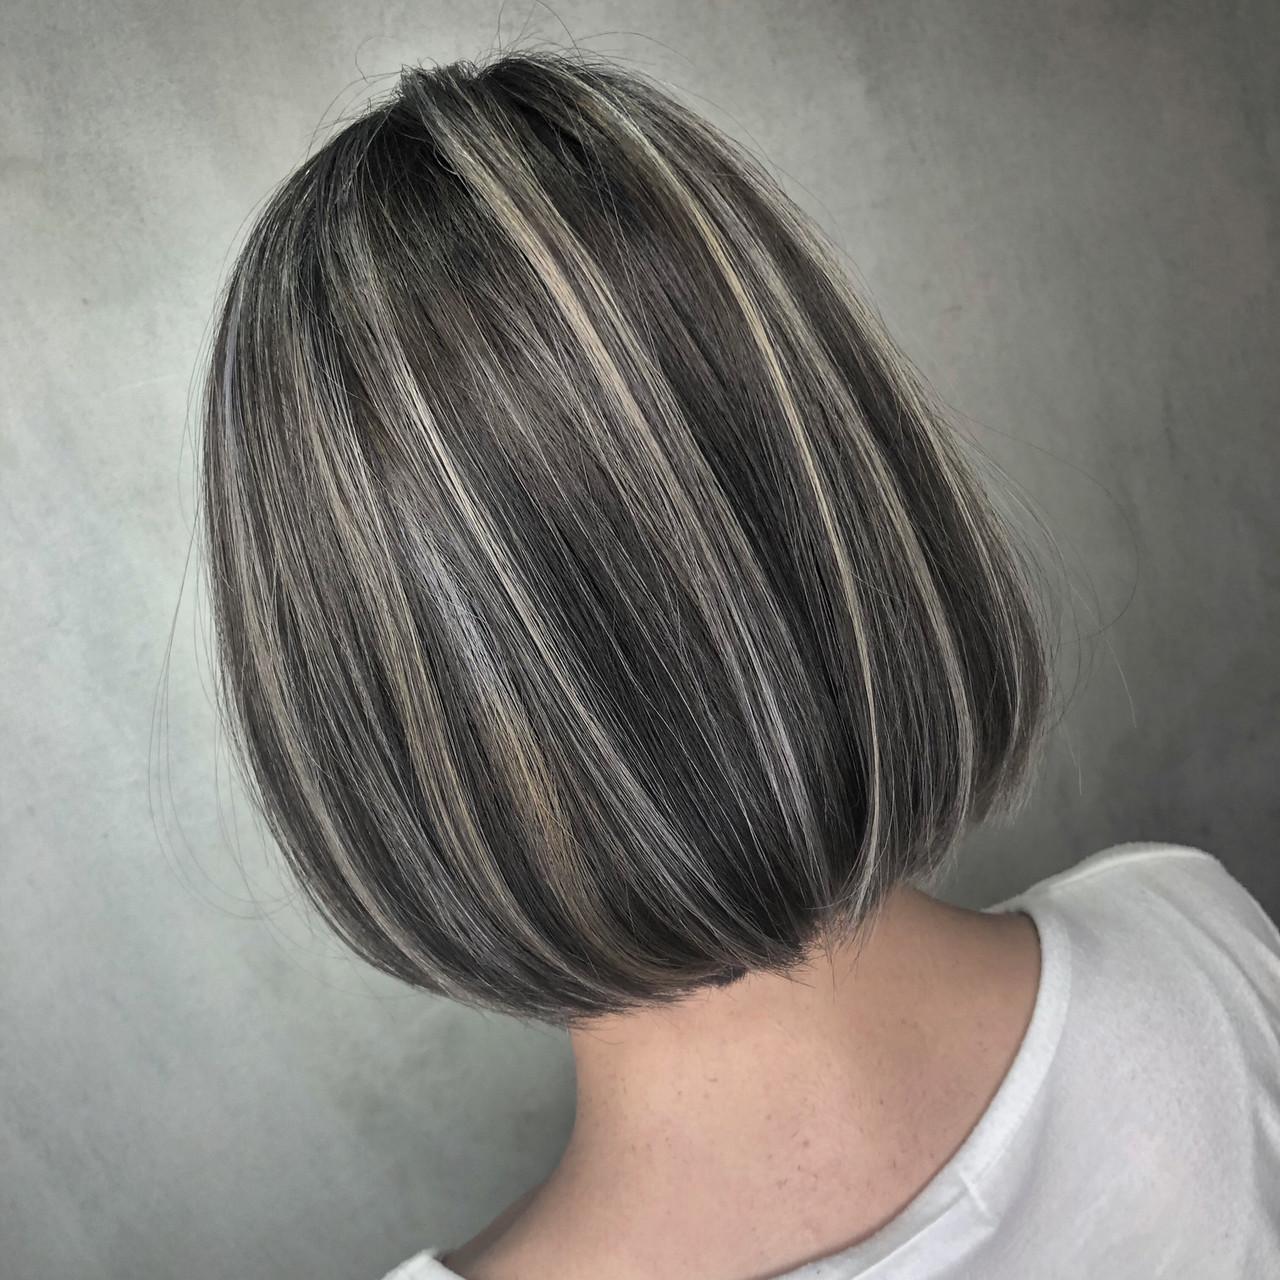 グレージュ ハイライト ボブ ナチュラルヘアスタイルや髪型の写真・画像